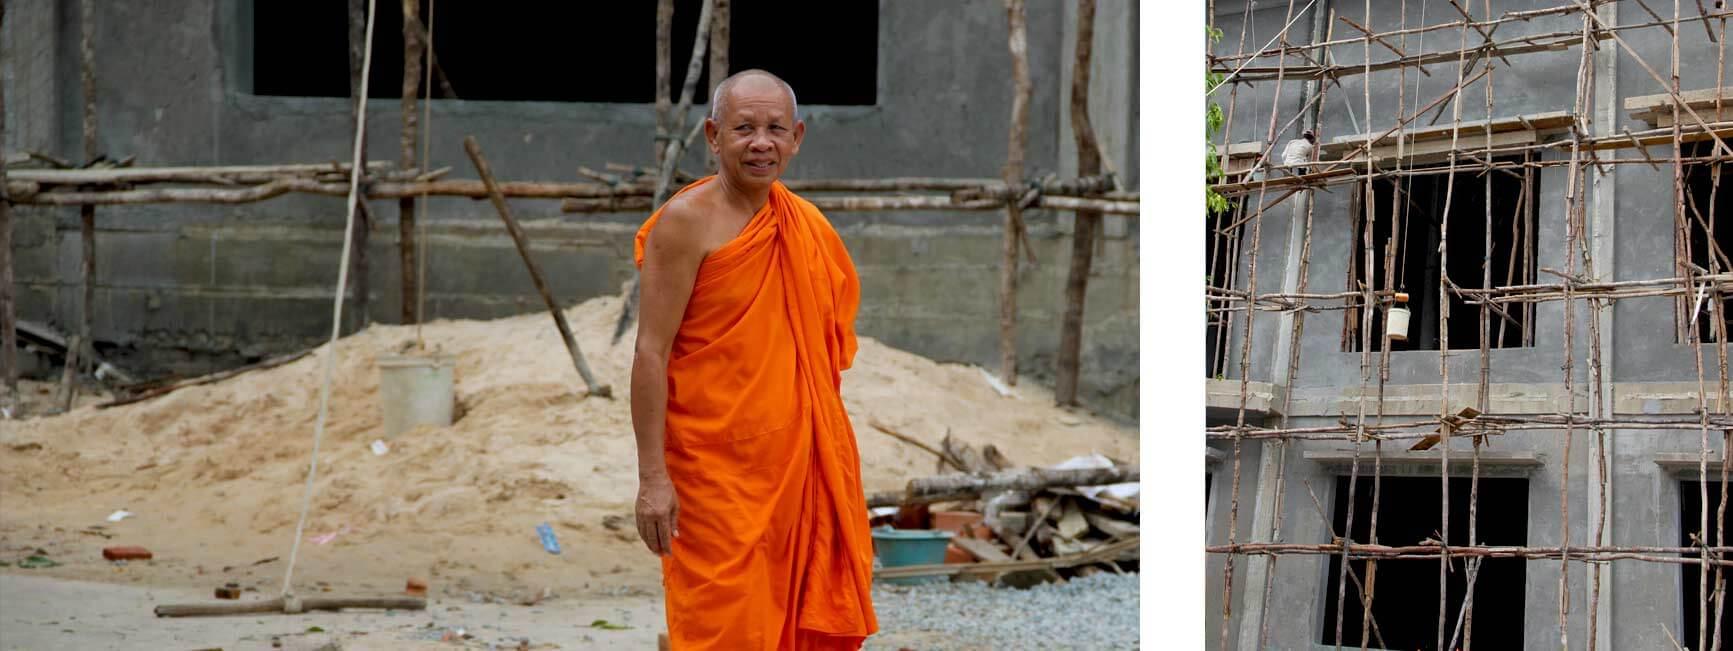 Mönch auf einer Baustelle in Siem Reap